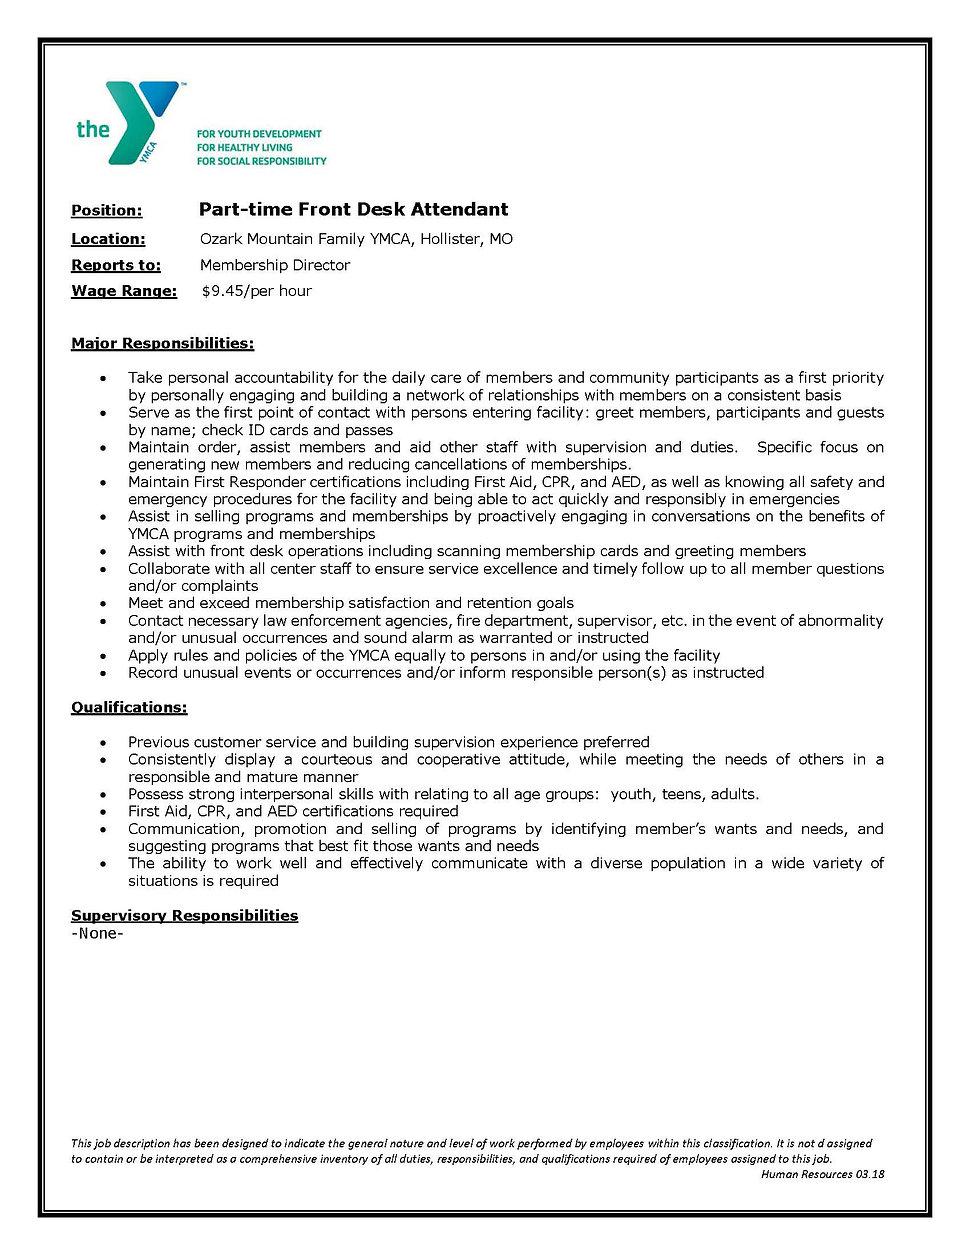 OzarkMountainFront Desk Job Description.